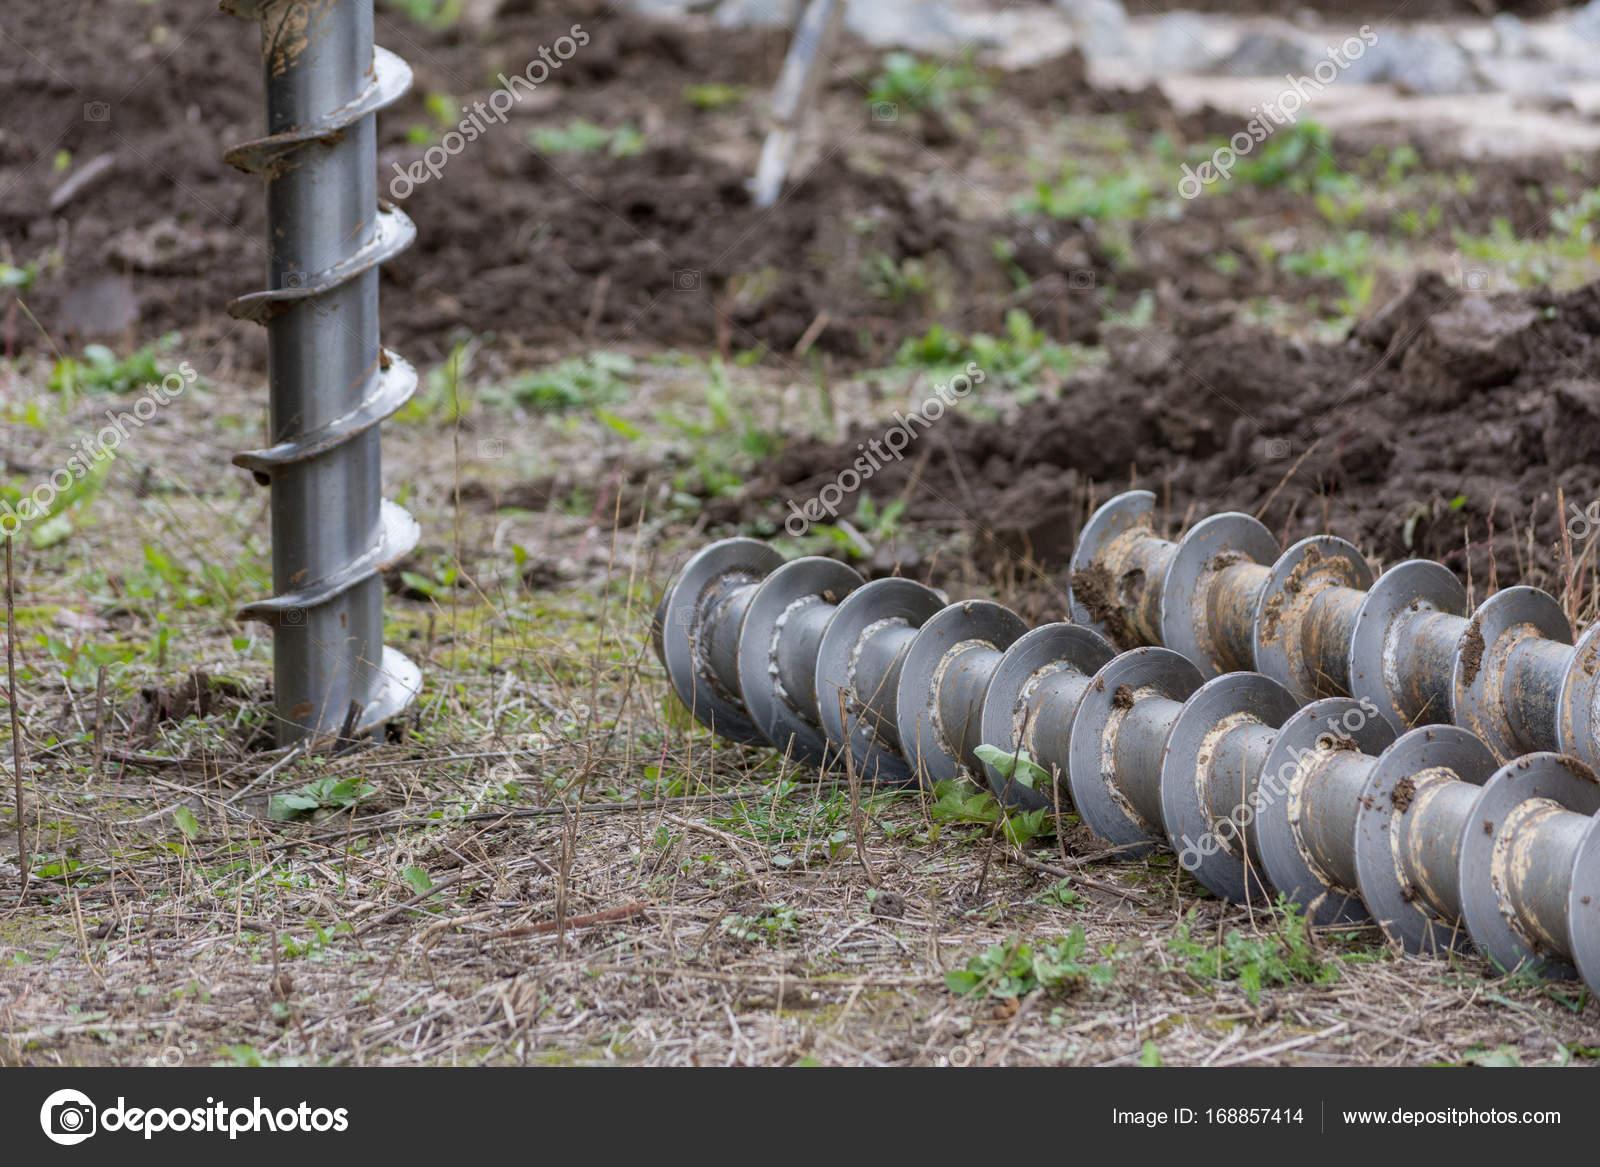 Masywnie budowlane maszyny do wiercenia otworów w ziemi — Zdjęcie stockowe WN12